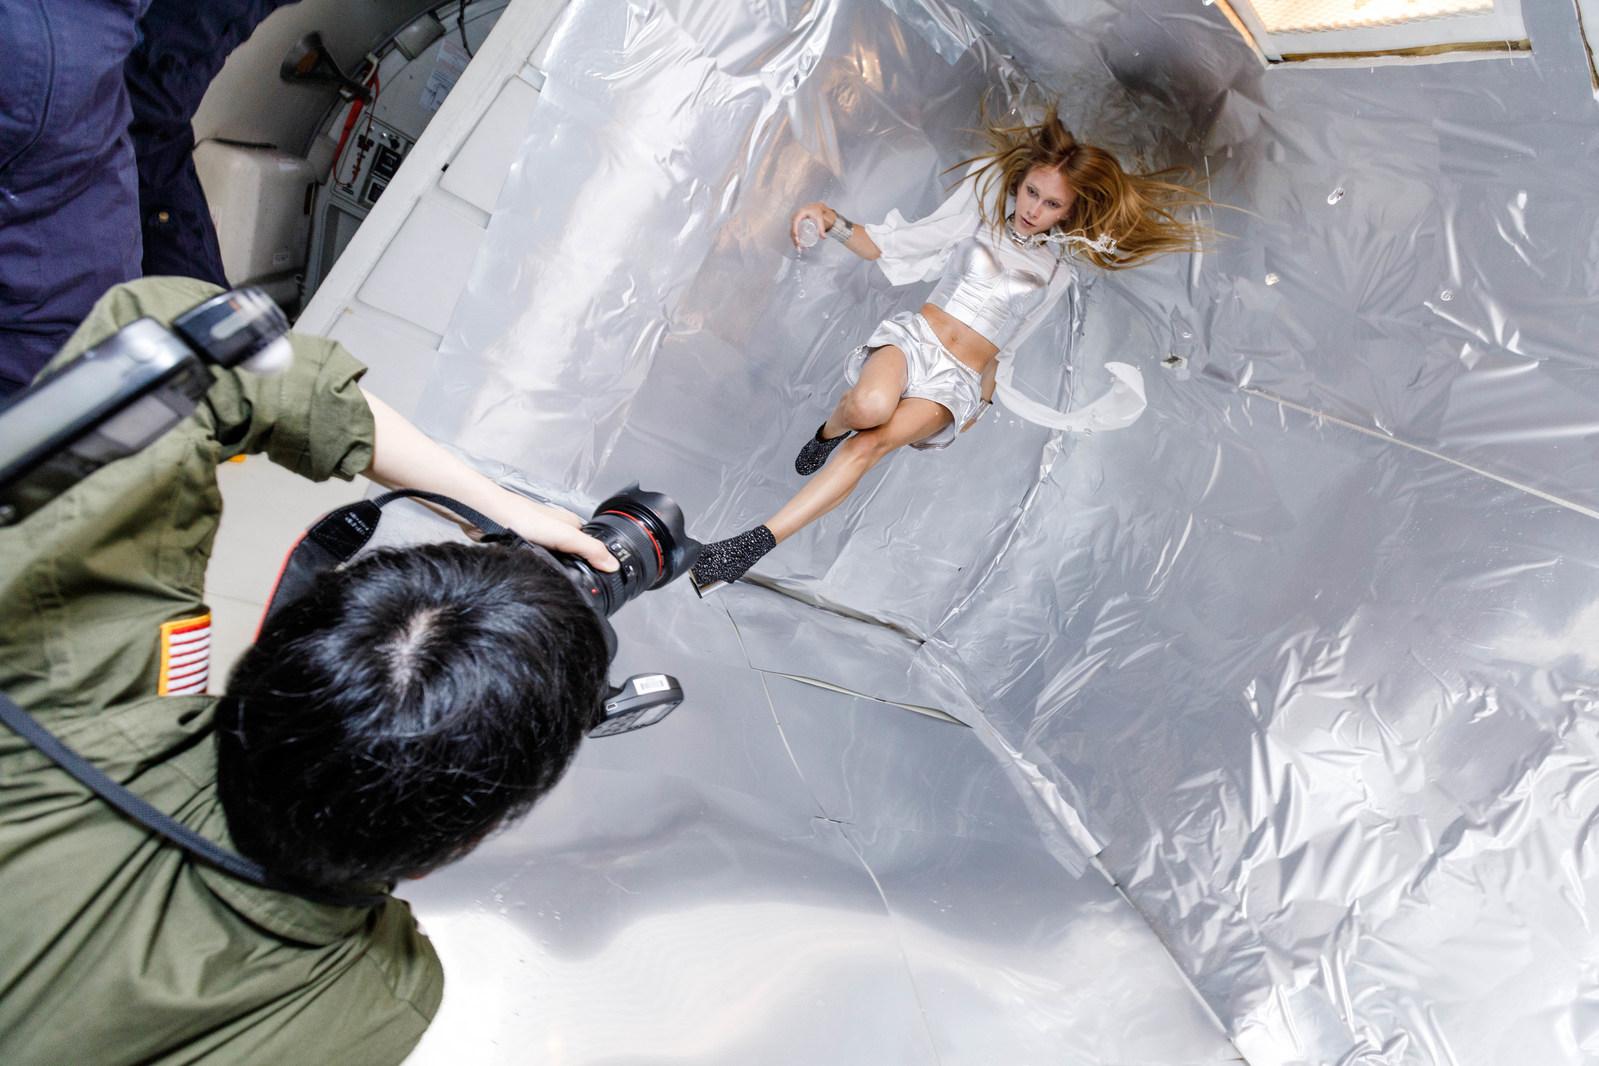 Мода выше законов природы: японка провела удивительную фотосессию в невесомости (7 фото)